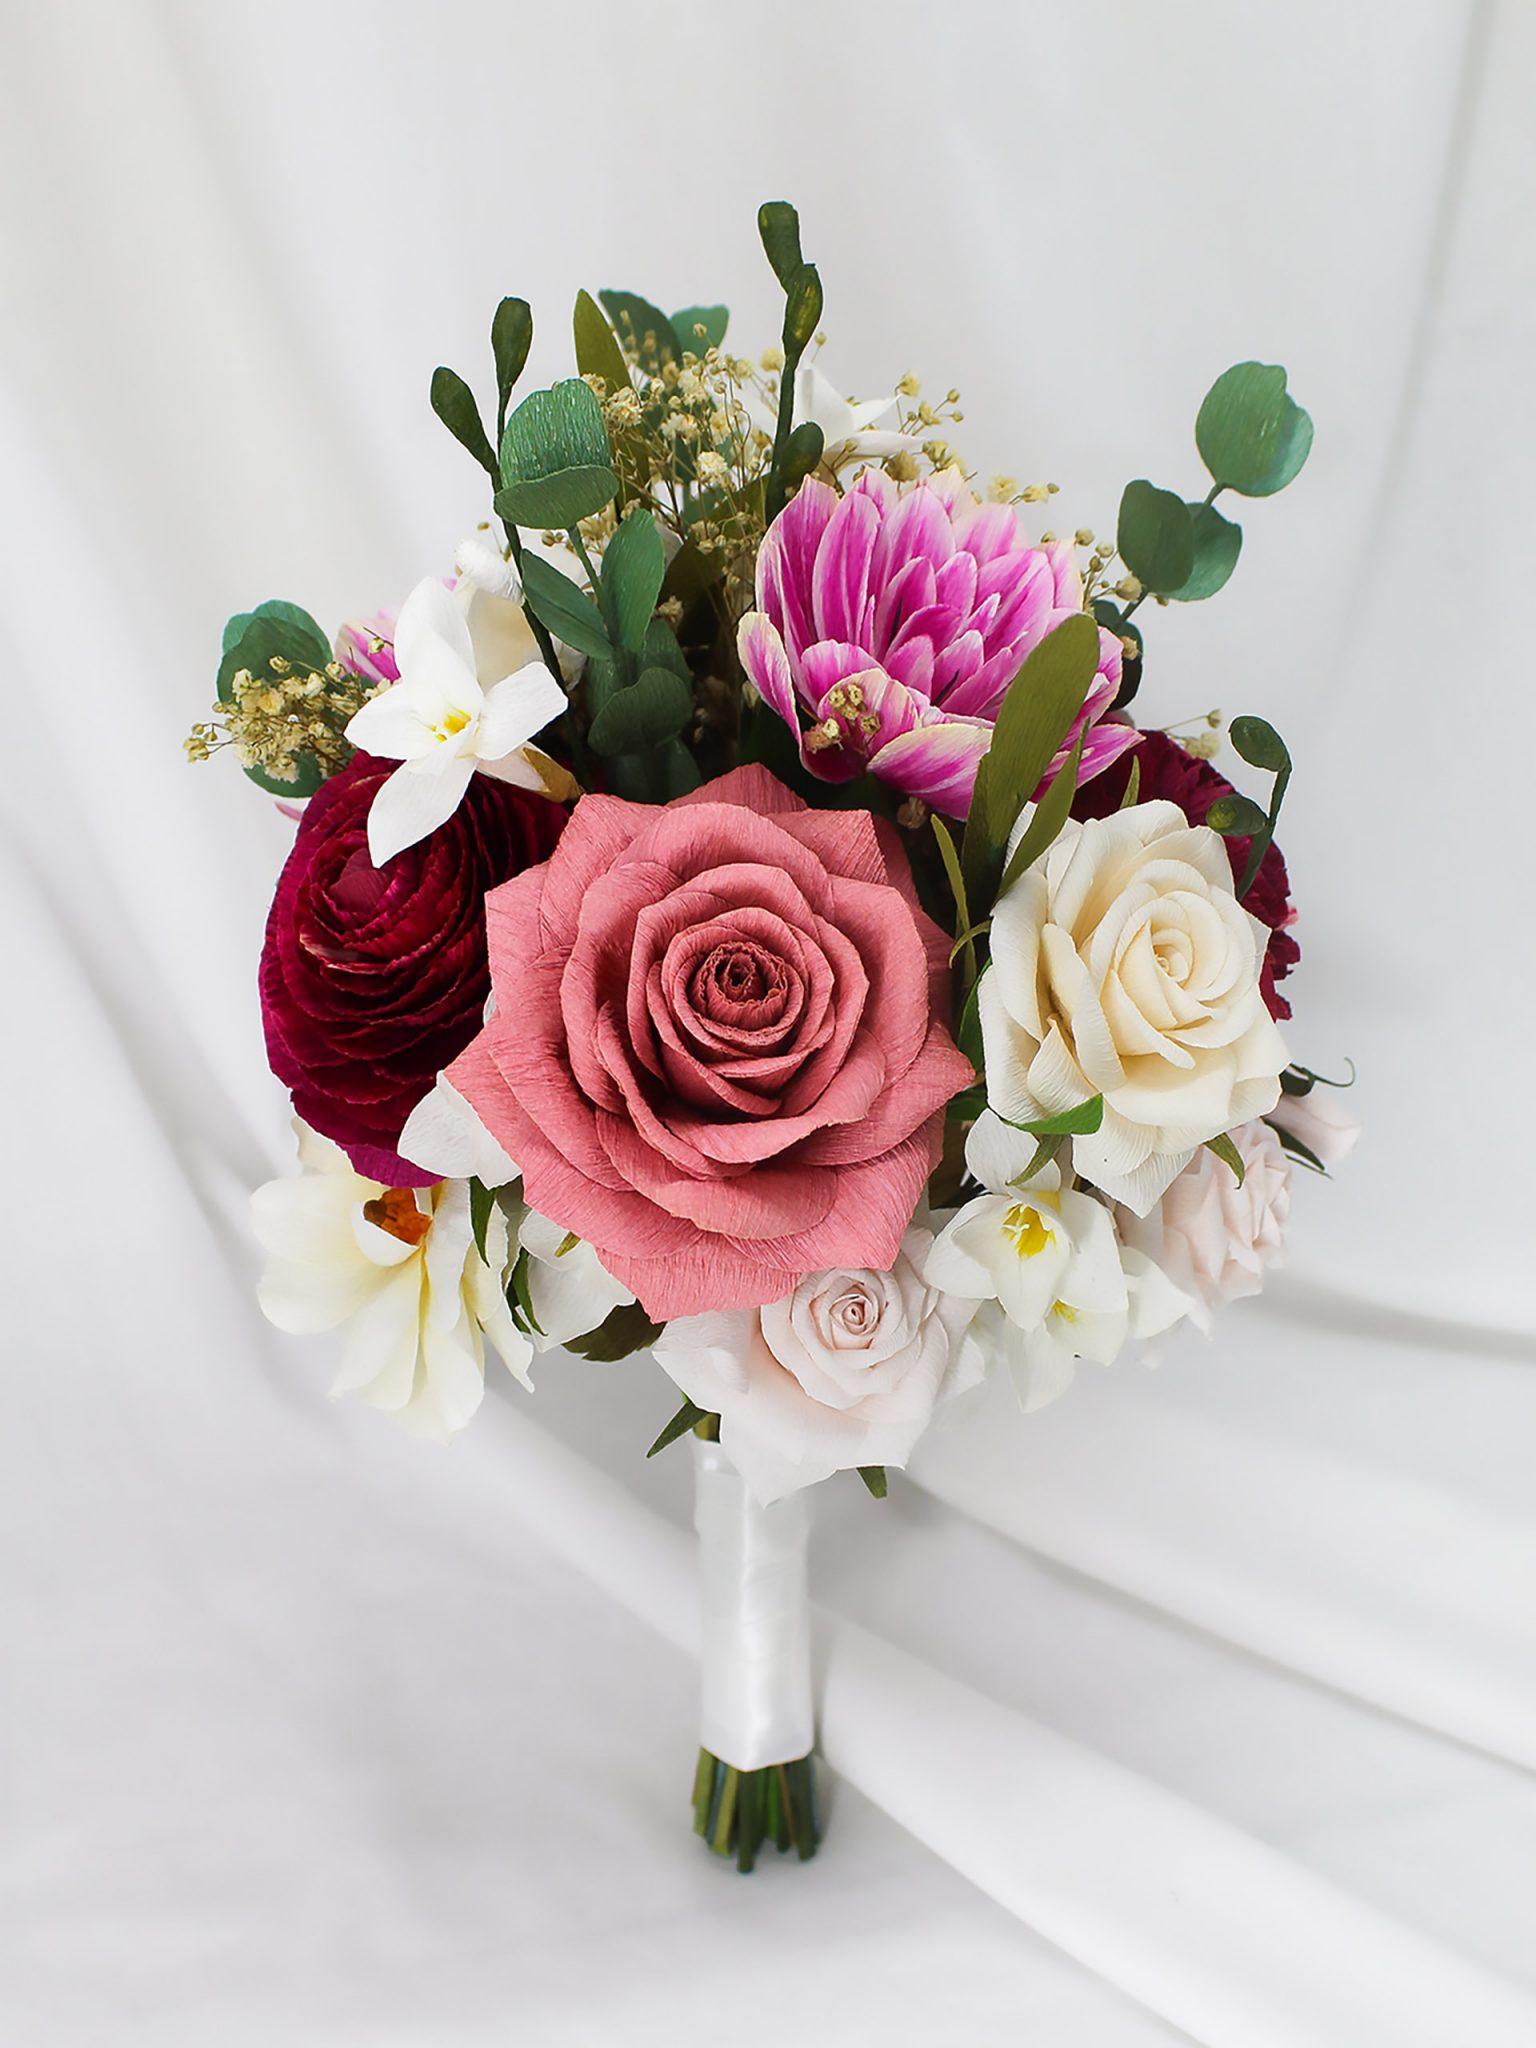 ramo de novia de papel personalizado con rosas, tulipanes y fresias en tonos rosas, beige y blanco